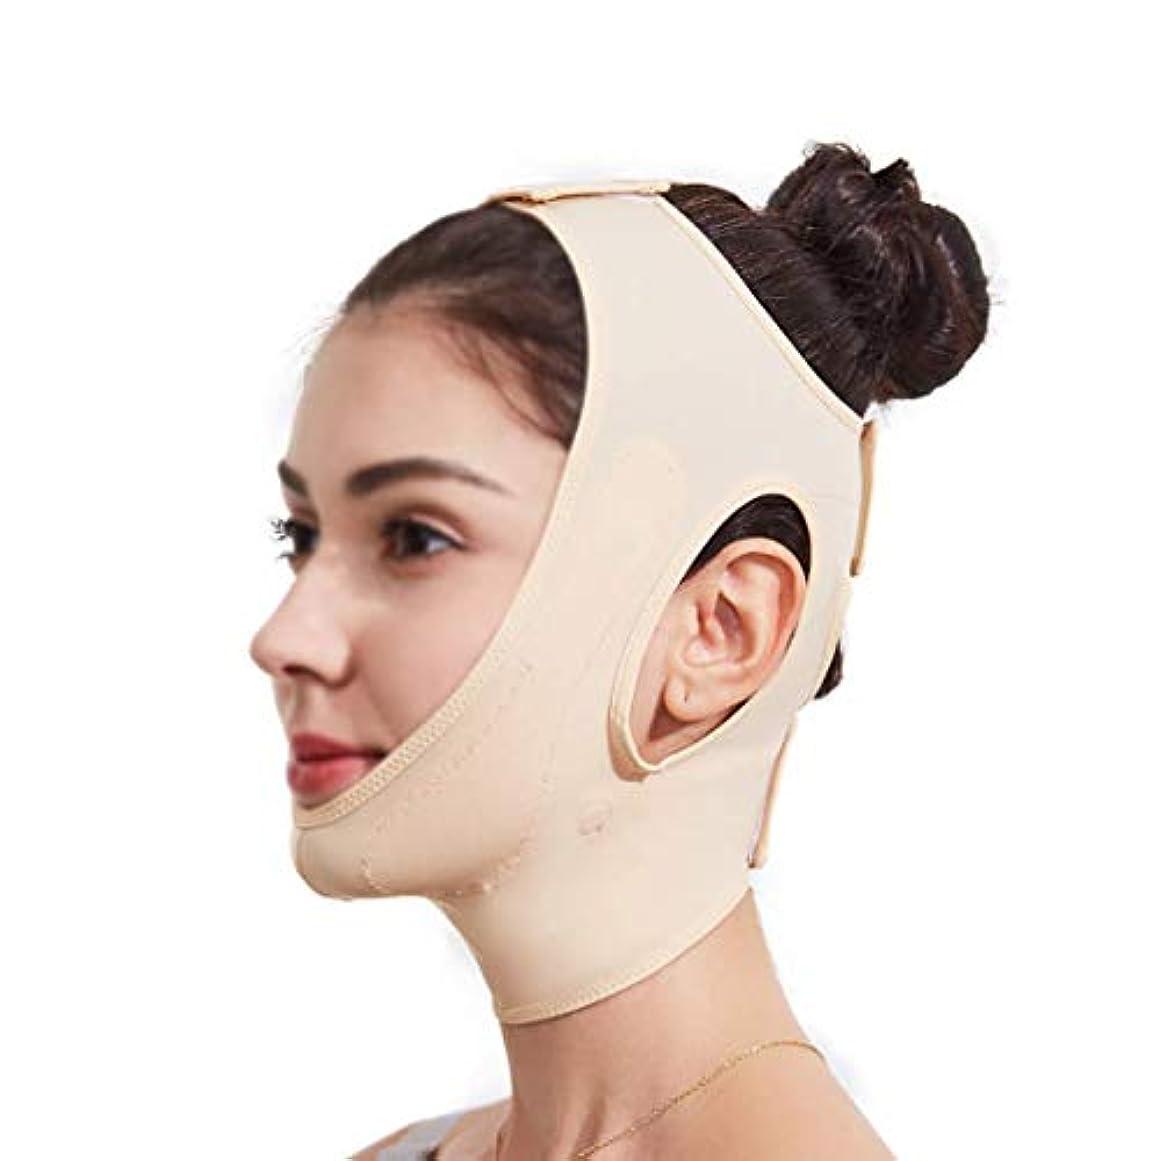 乳剤保存する近傍フェイスリフティングマスク、360°オールラウンドリフティングフェイシャルコンター、あごを閉じて肌を引き締め、快適でフェイスライトをサポートし、通気性を保ちます(サイズ:ブラック),肌の色